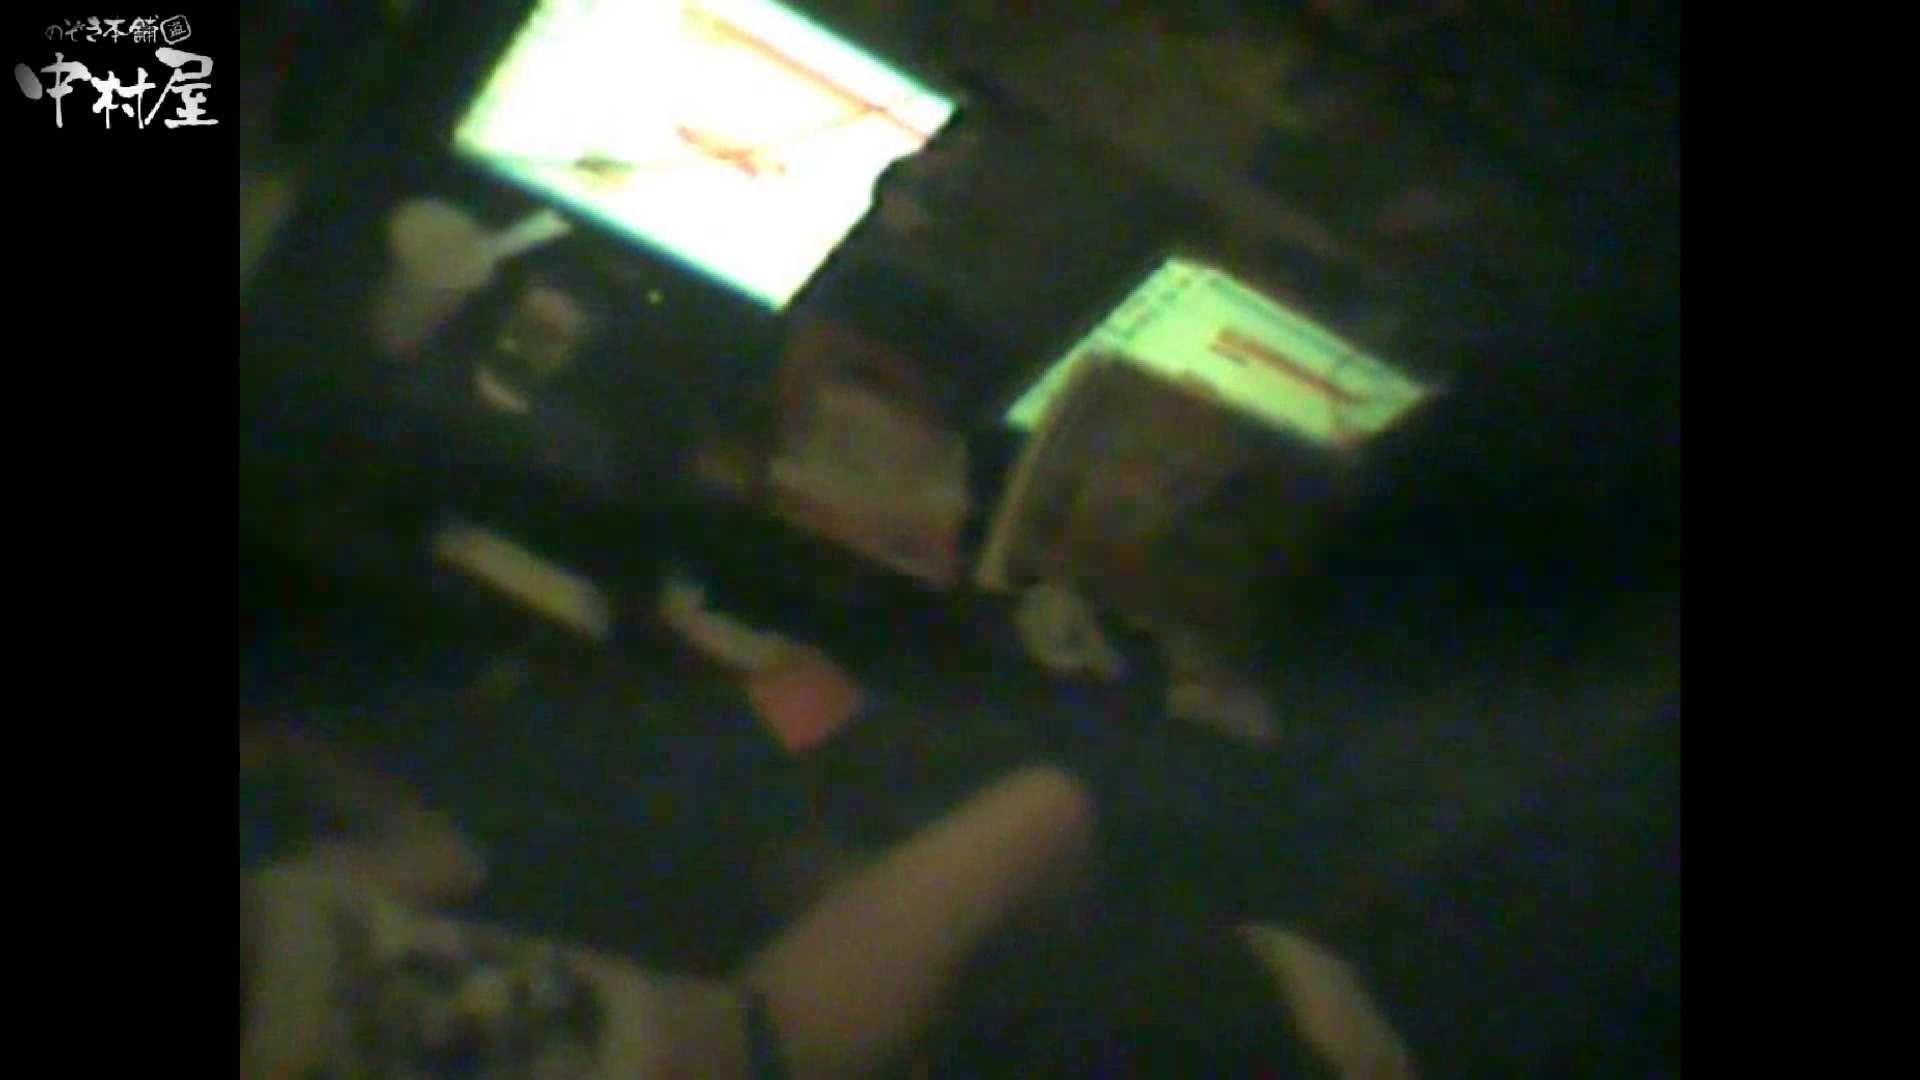 インターネットカフェの中で起こっている出来事 vol.016 卑猥すぎ | カップル映像 のぞき 89PIX 11